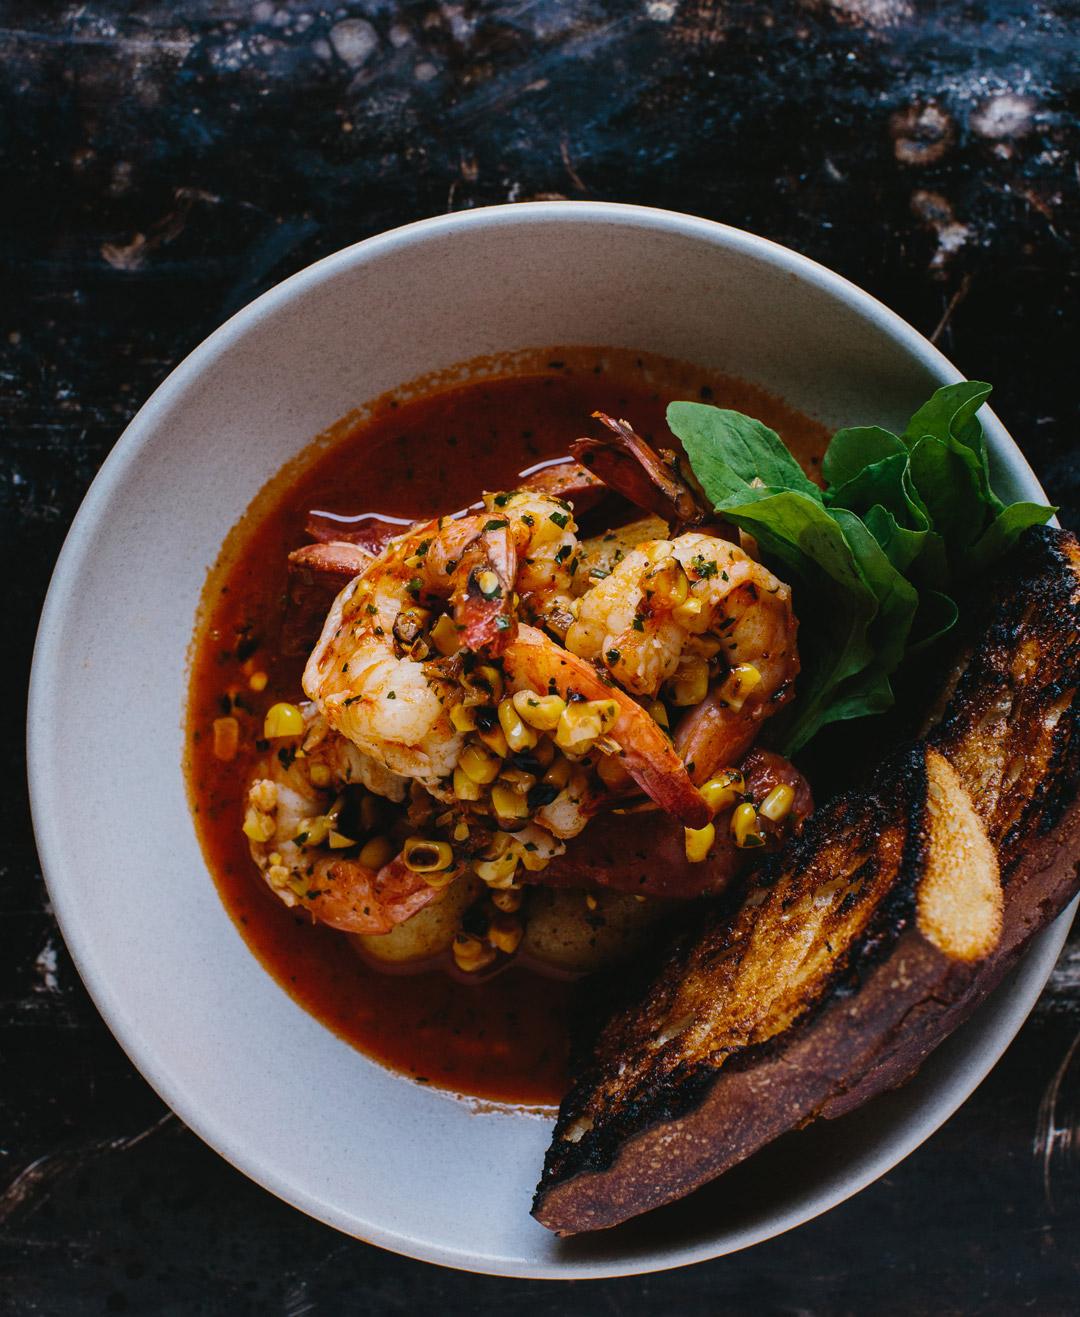 10 Best Restaurants in Athens: Five and Ten, frogmore stew